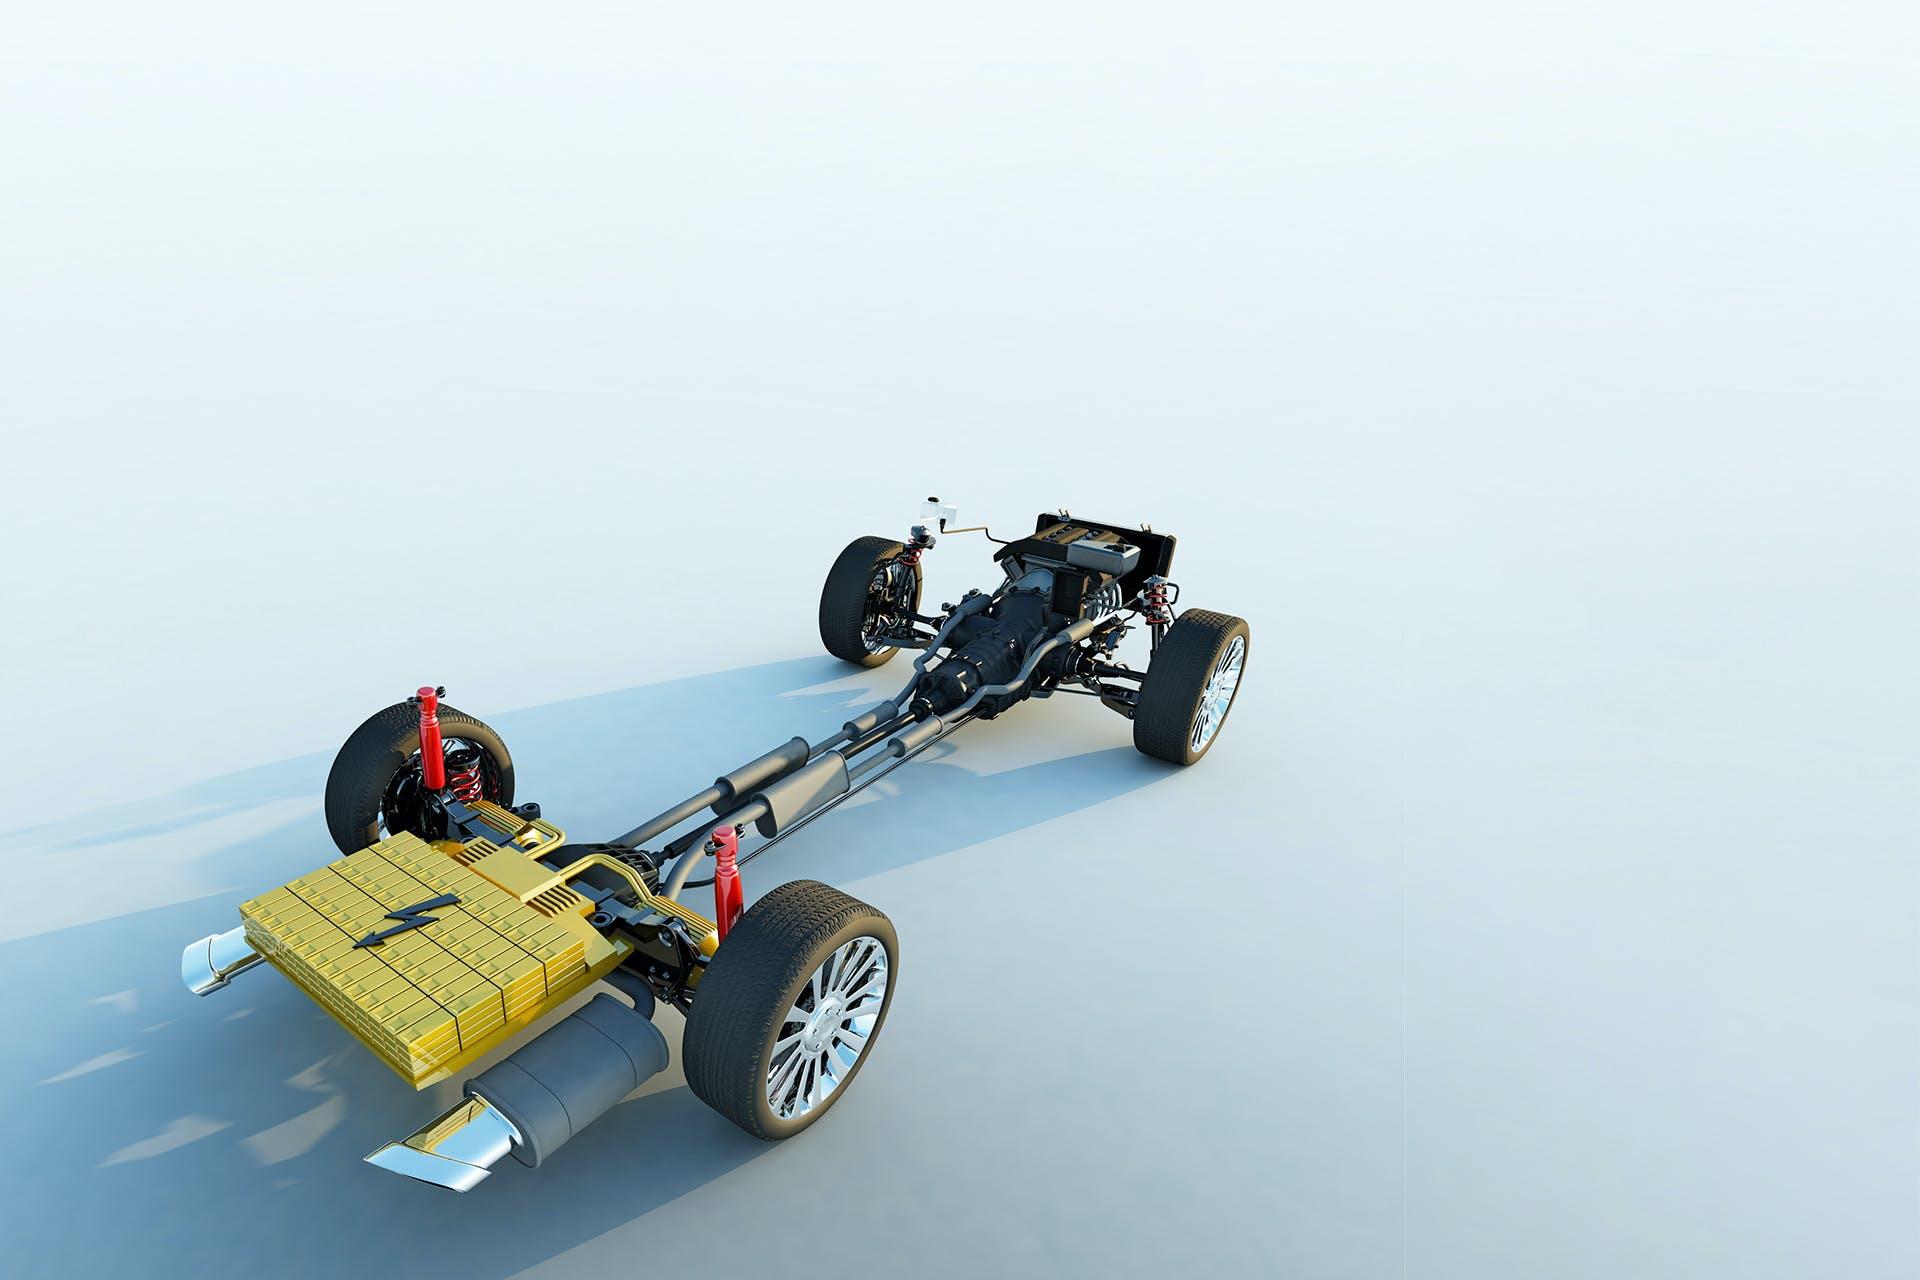 Fahrgestell eines Autos mit Reifen und Elektroantrieb